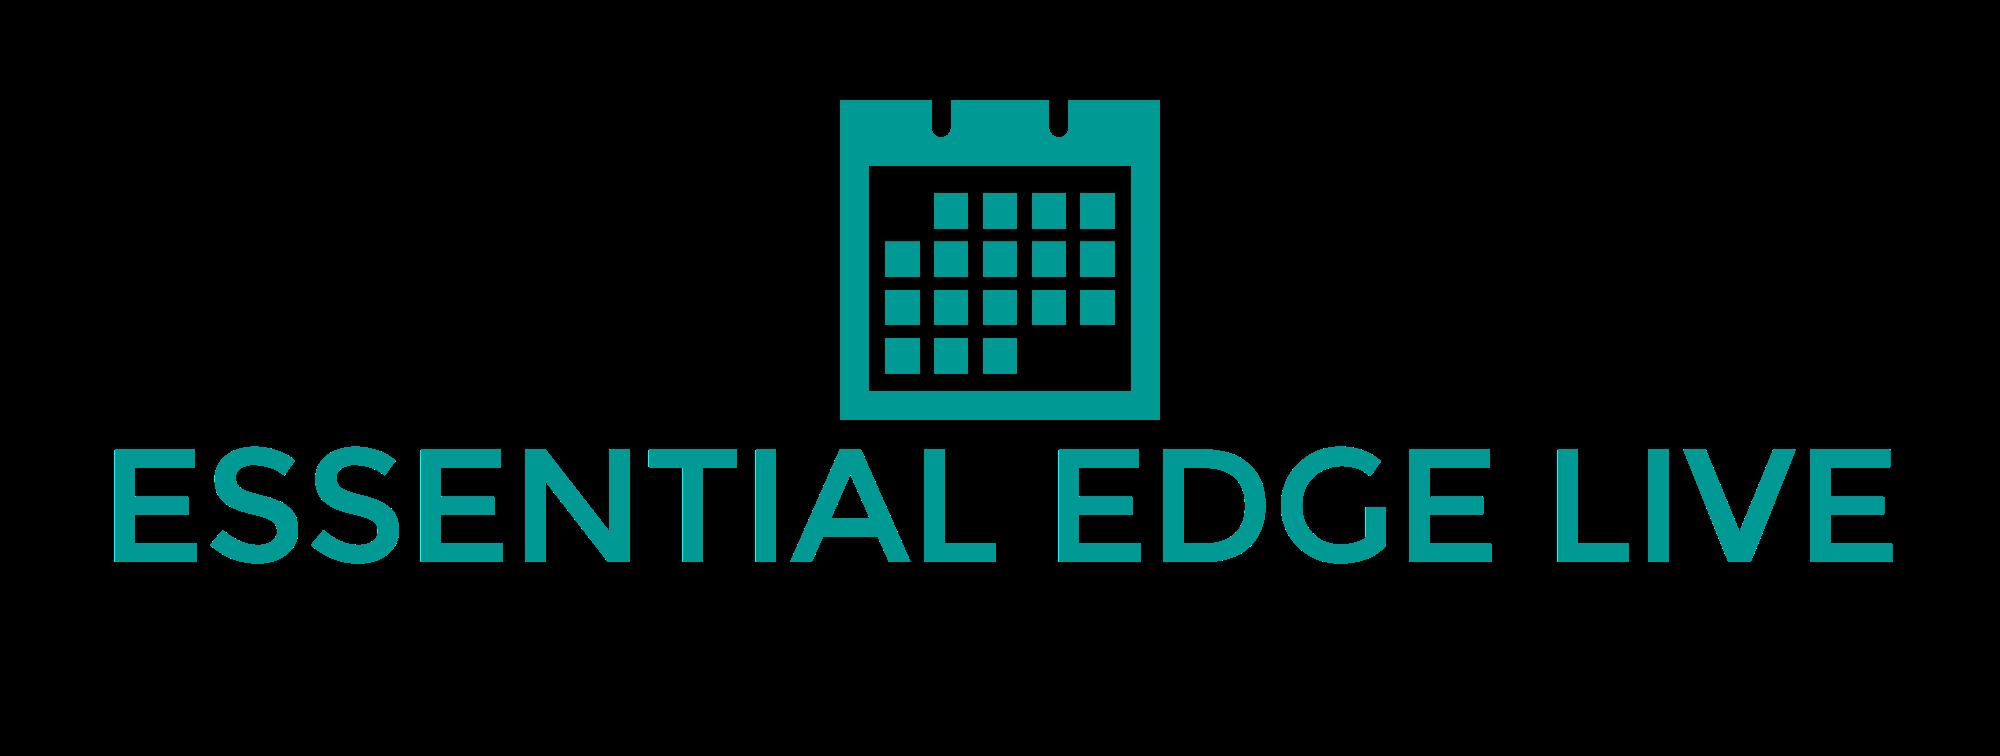 Essential Edge Live 2016 Logo